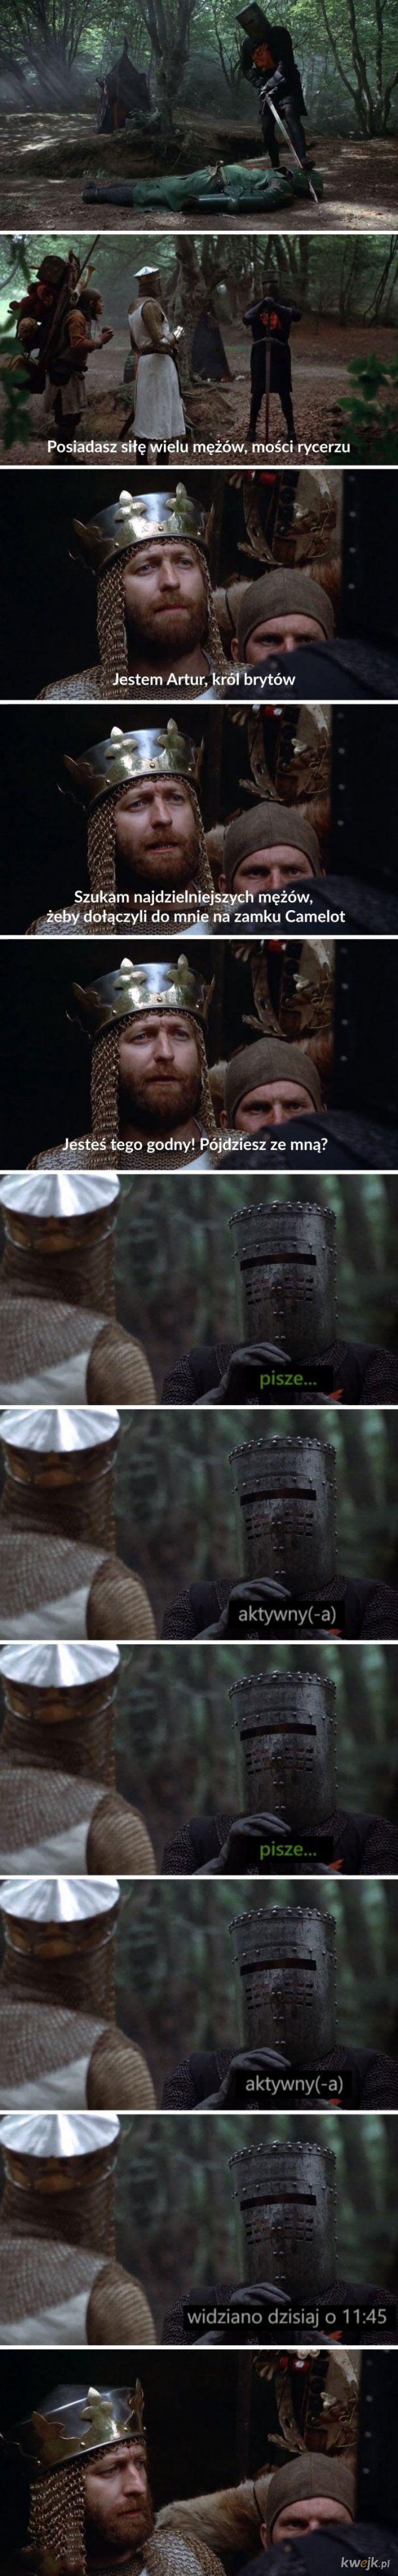 Chyba go olał.